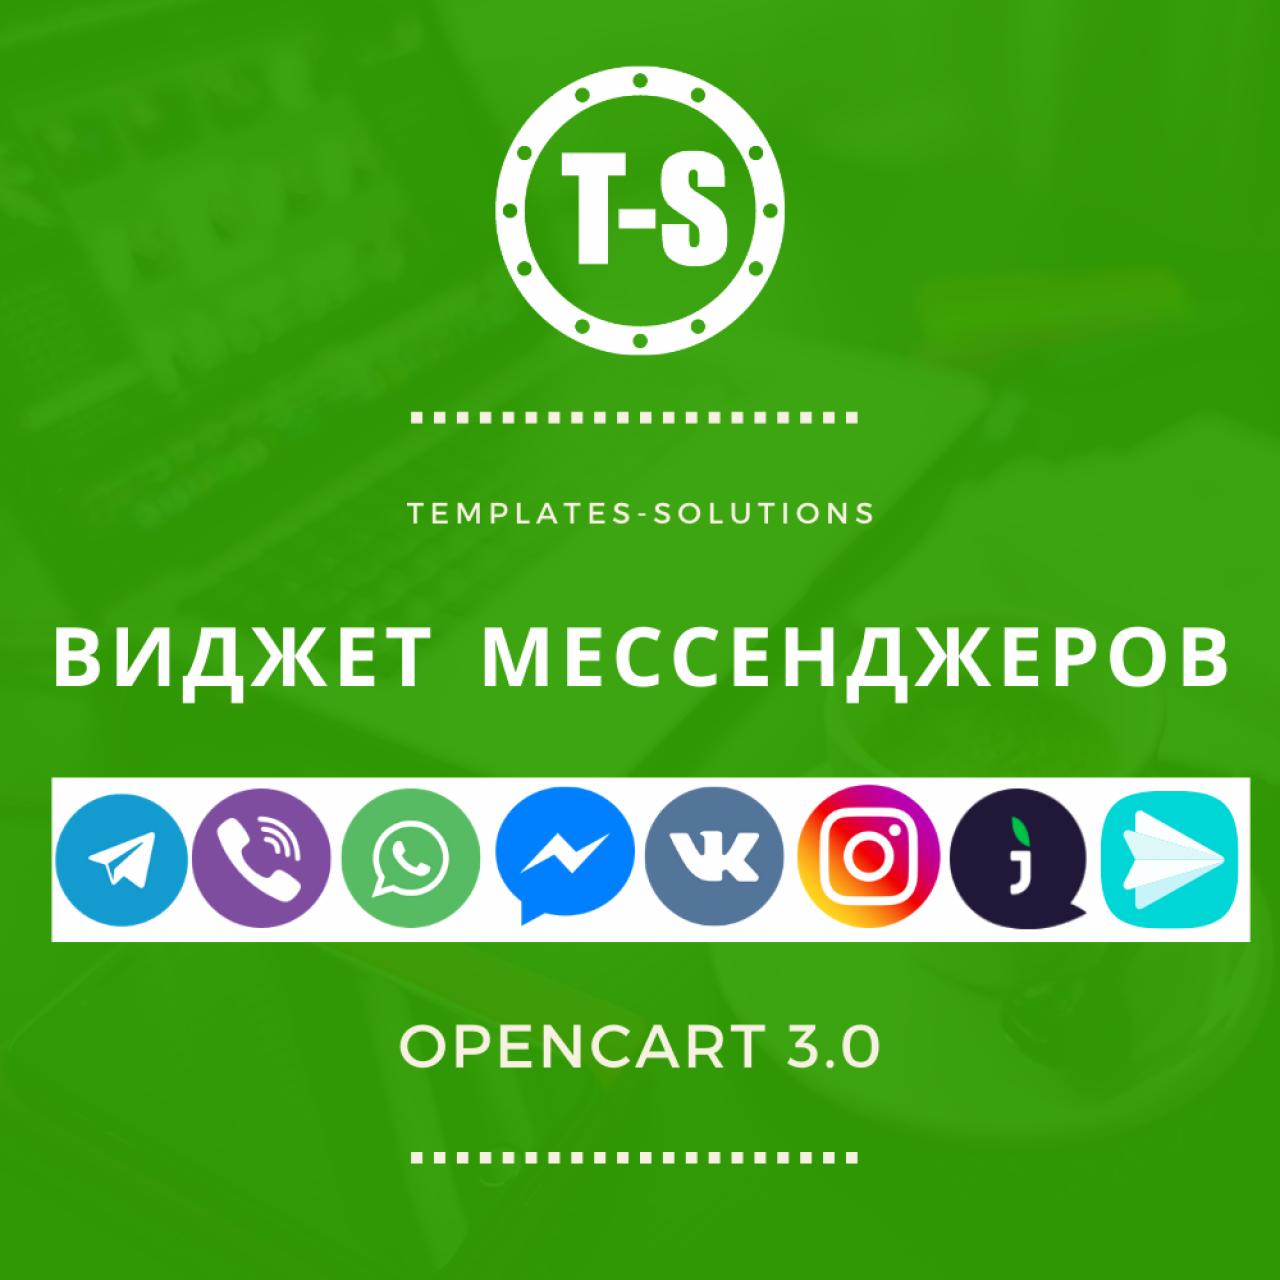 Виджет мессенджеров 3.0.x v1.7 из категории Обратная связь для CMS OpenCart (ОпенКарт)